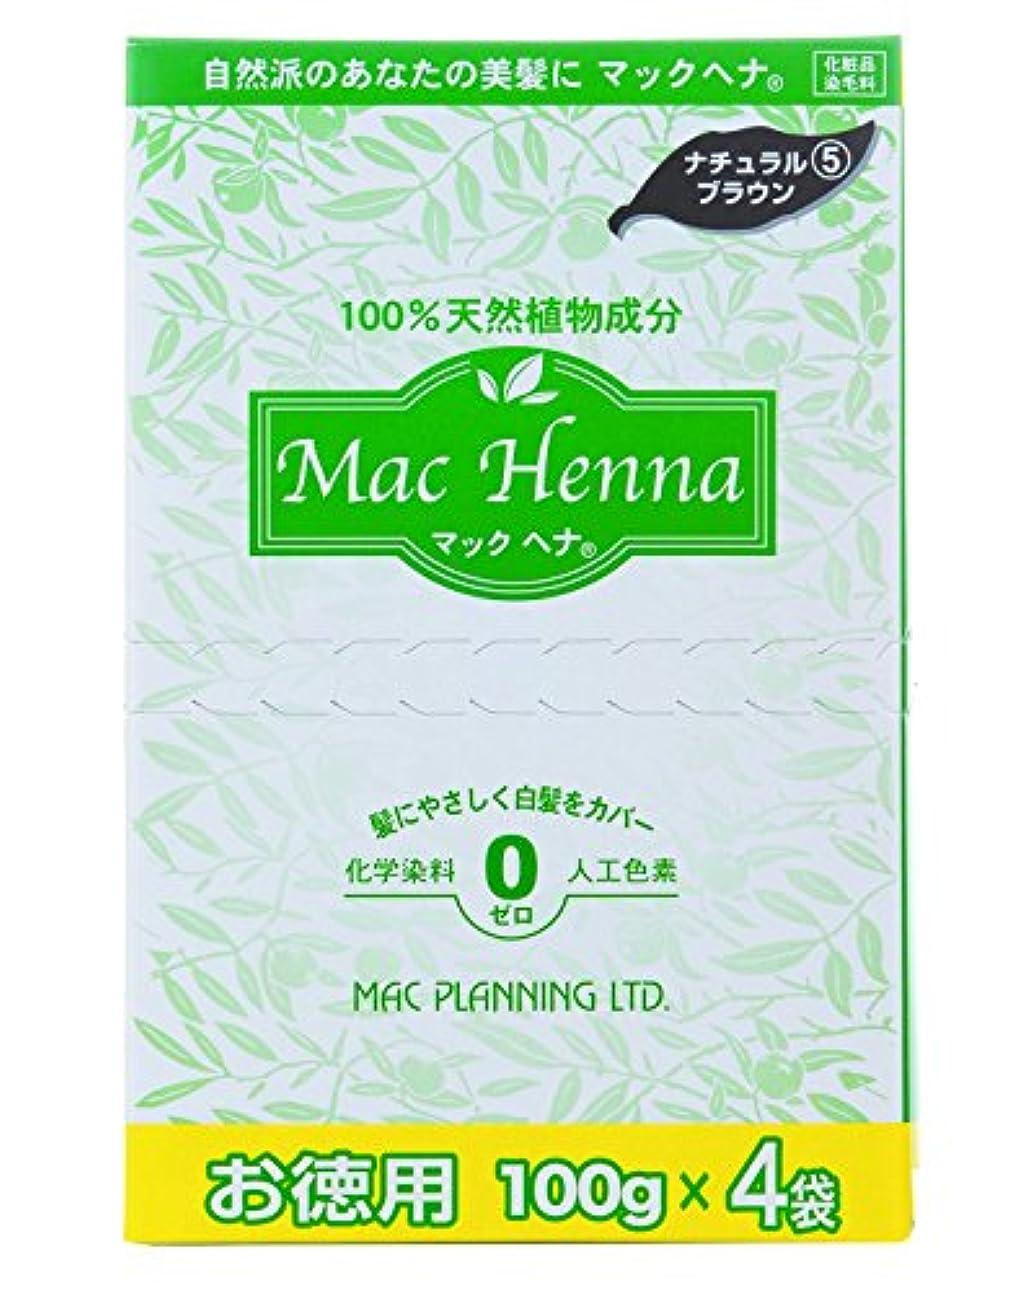 迷惑フェザー委員会マックヘナ お徳用 ナチュラルブラウン400g ヘナ白髪用カラー